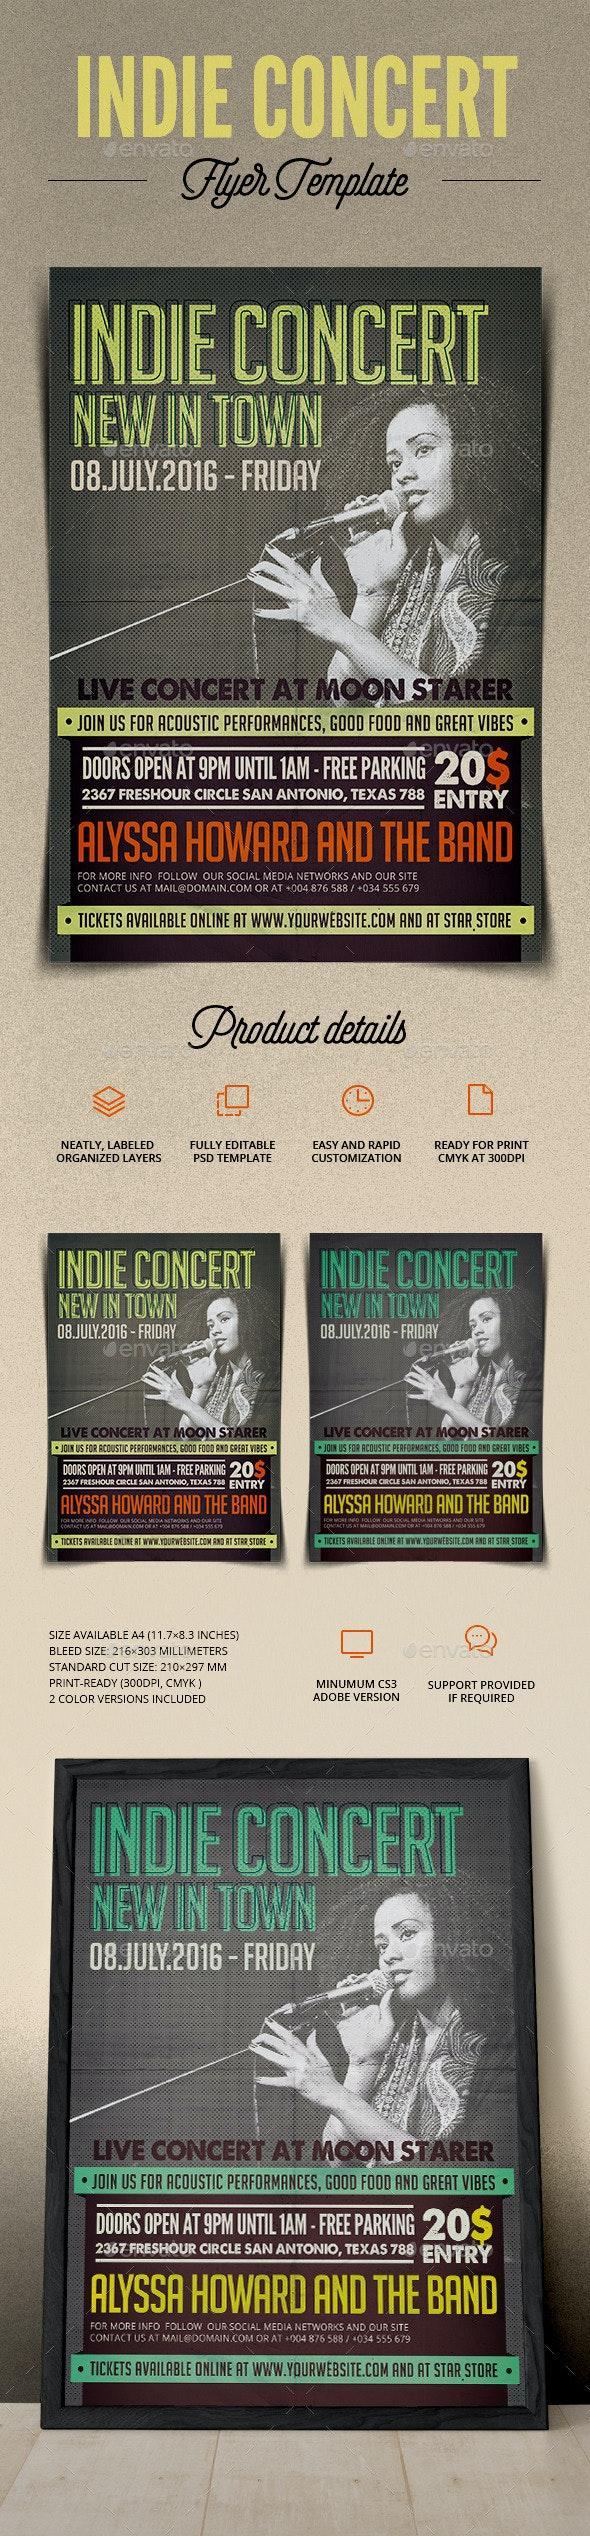 Indie Concert Flyer - Print Templates